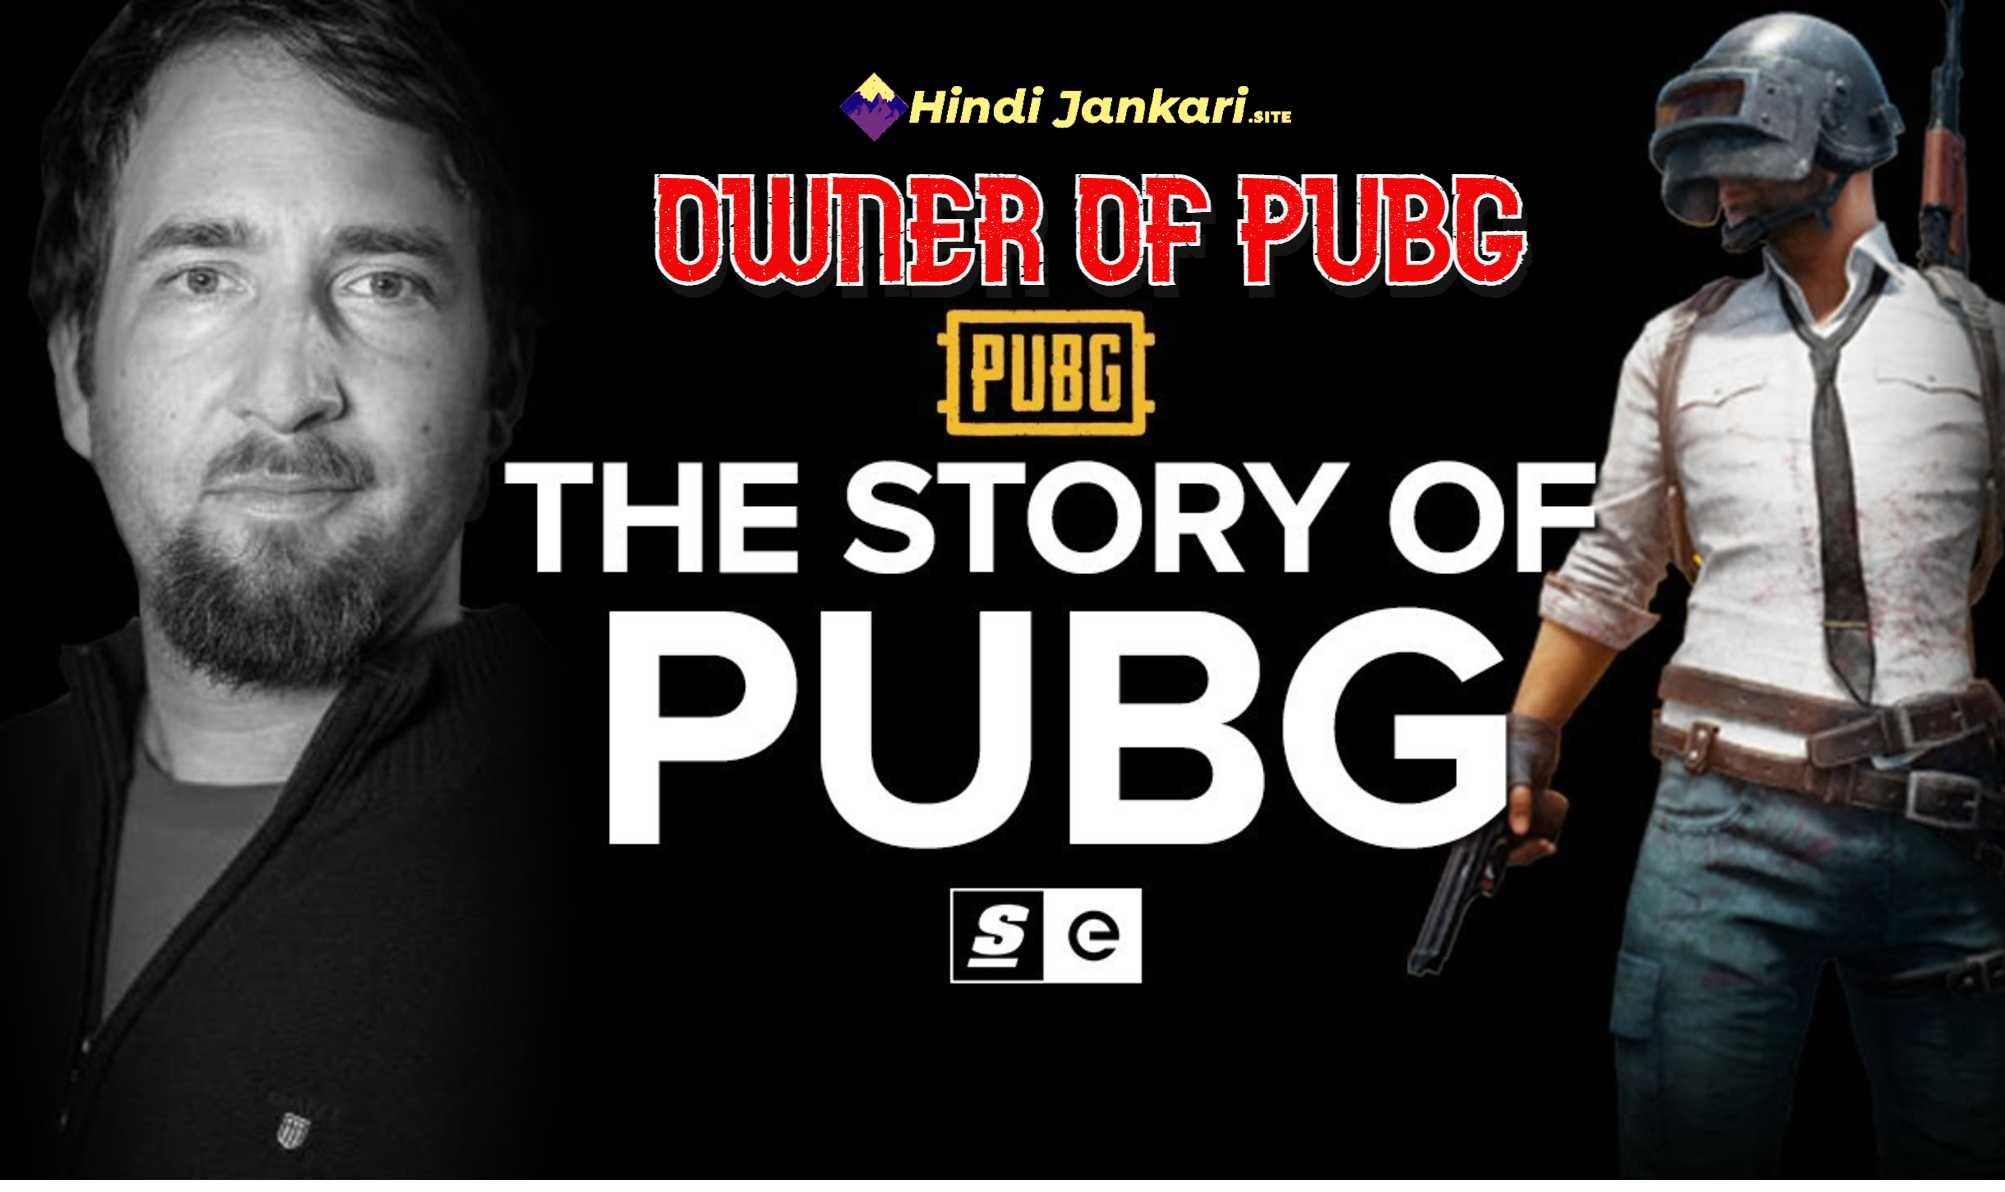 OWNER OF PUBG